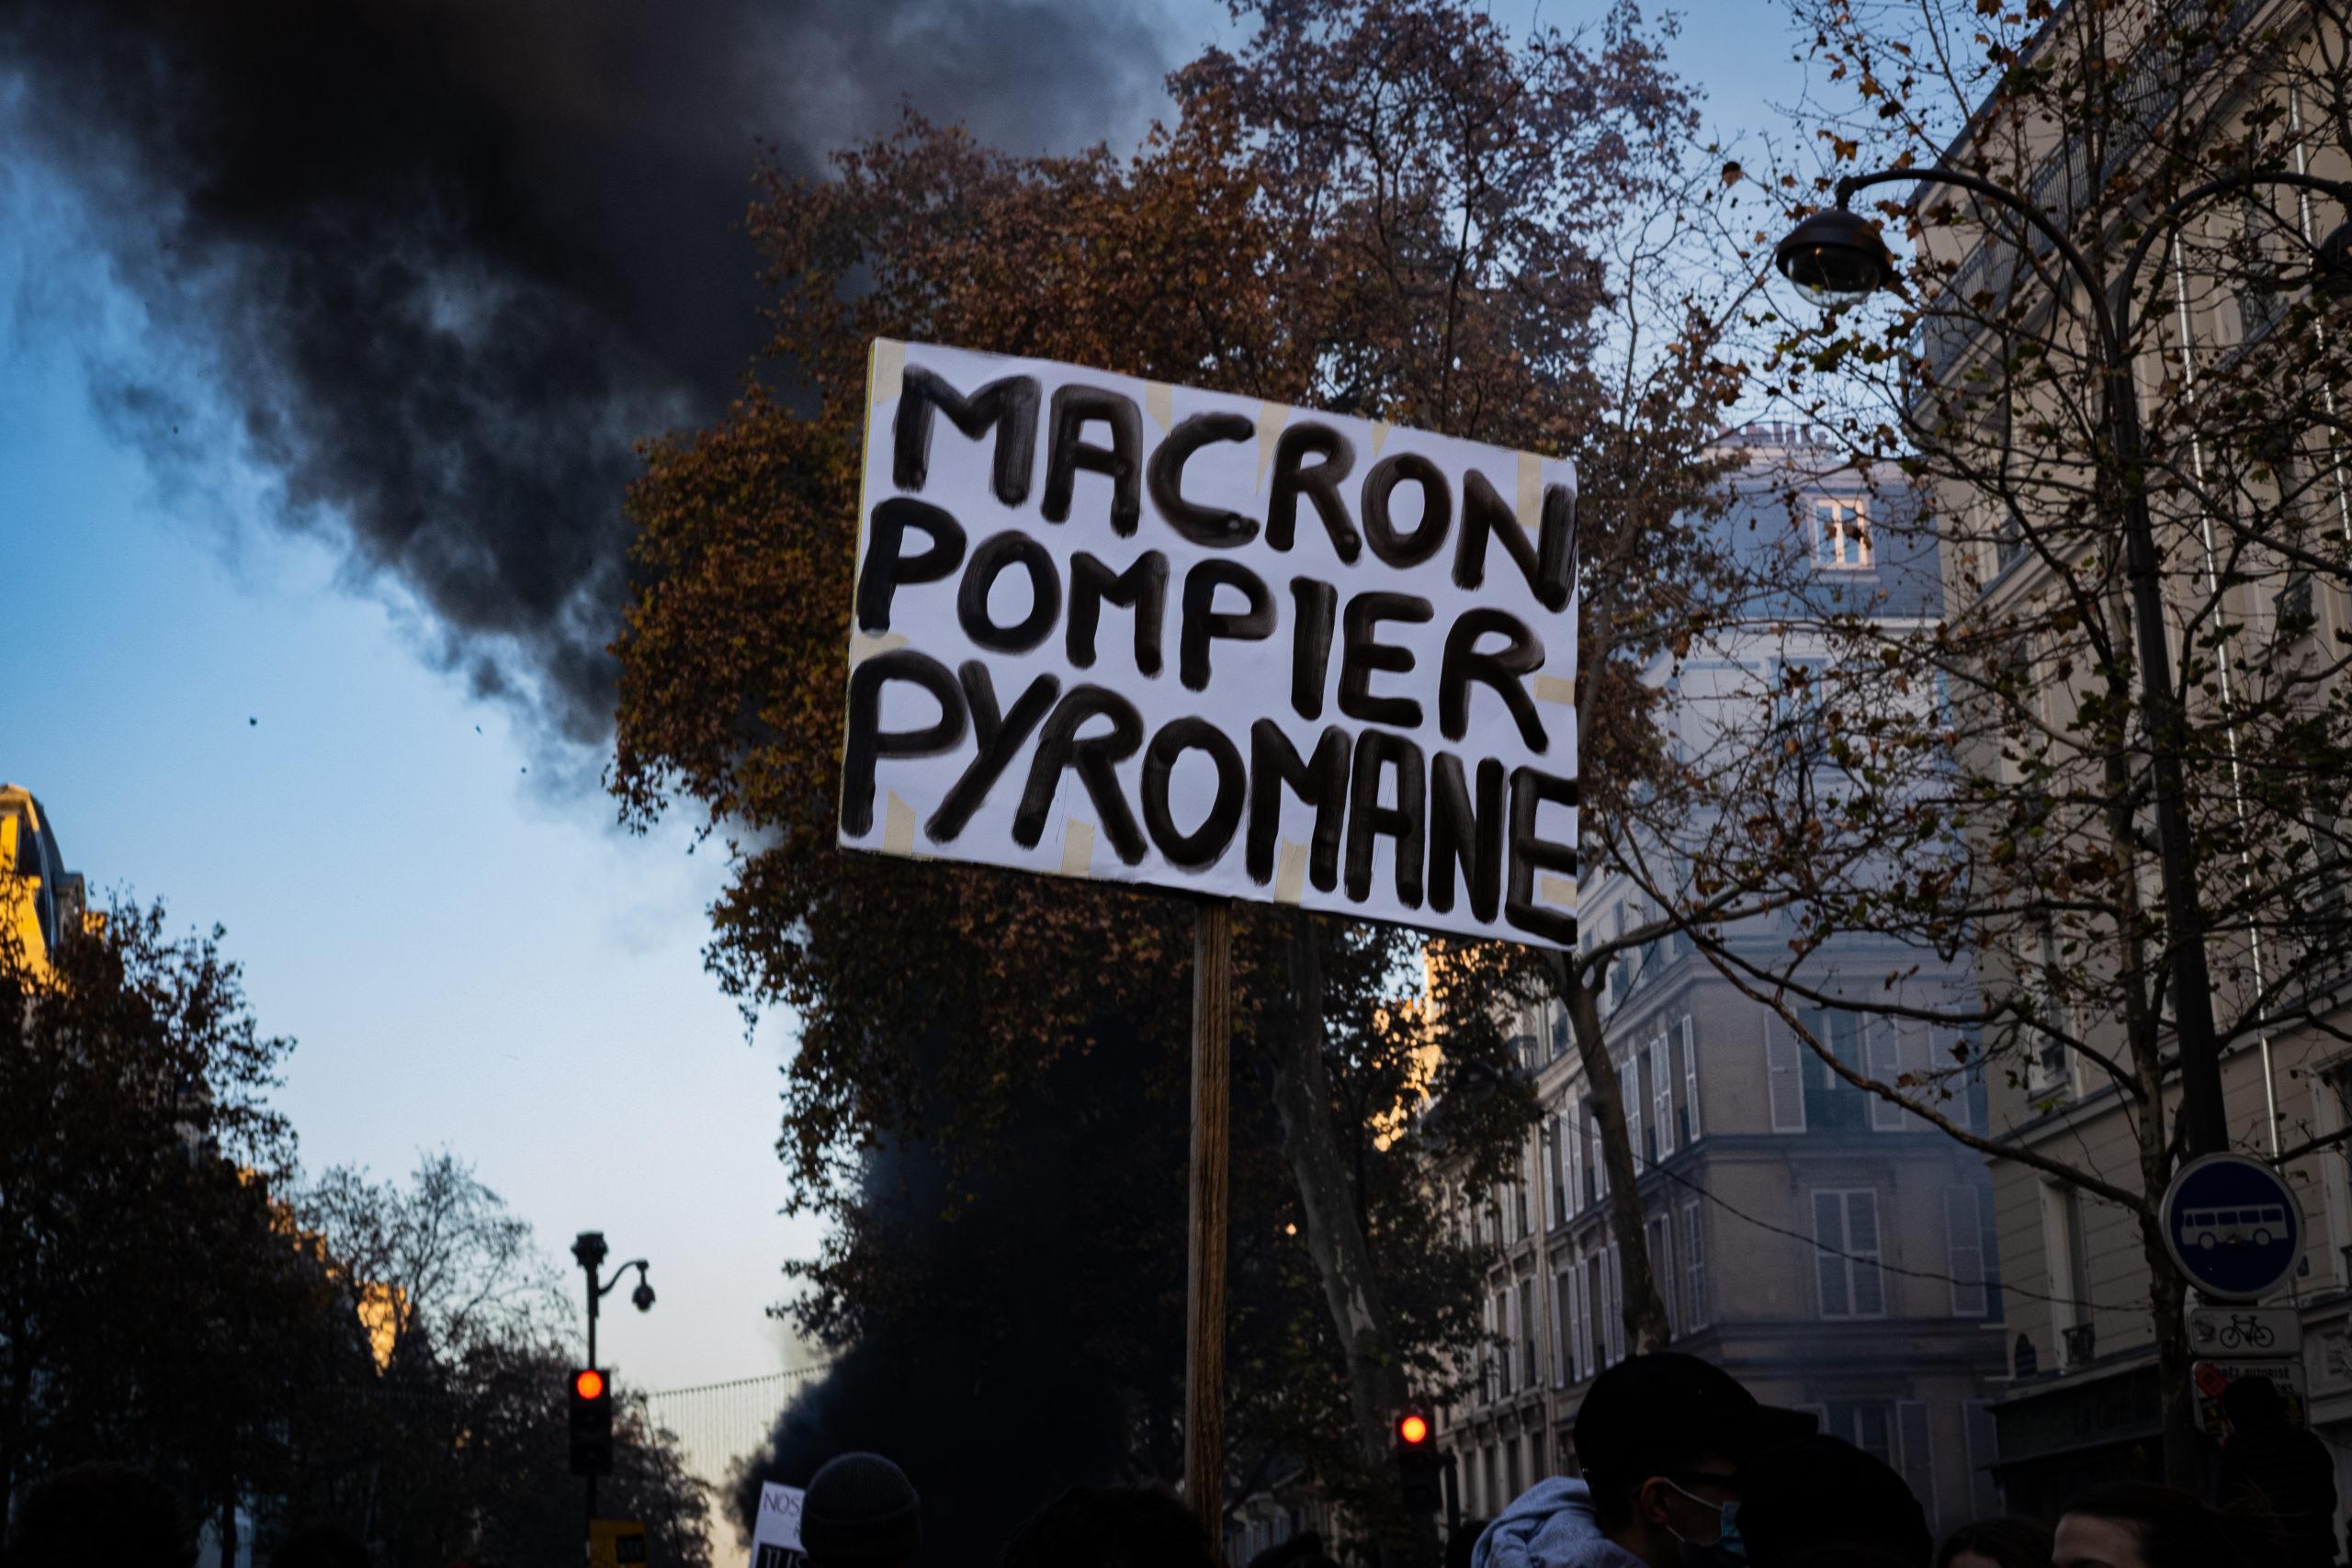 Des voitures sont en feu aux abords de Bastille.© Chloé Lavoisard